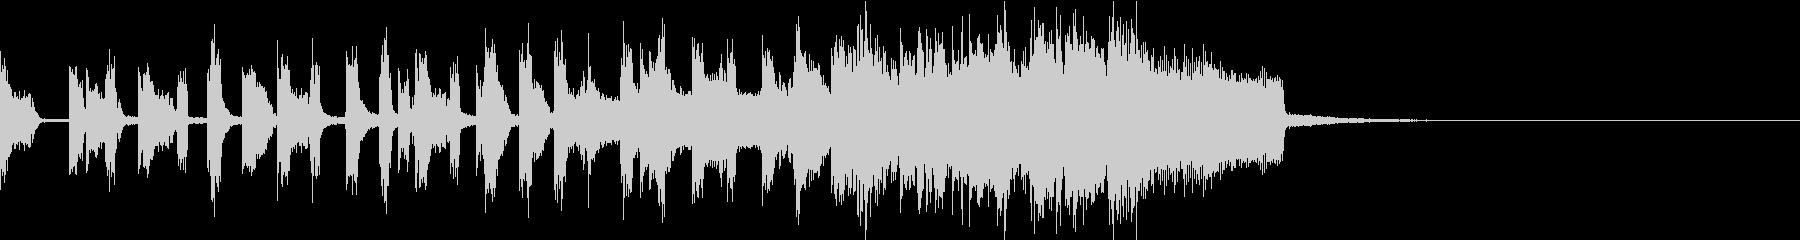 不協和音コミカルダークインパクトジングルの未再生の波形